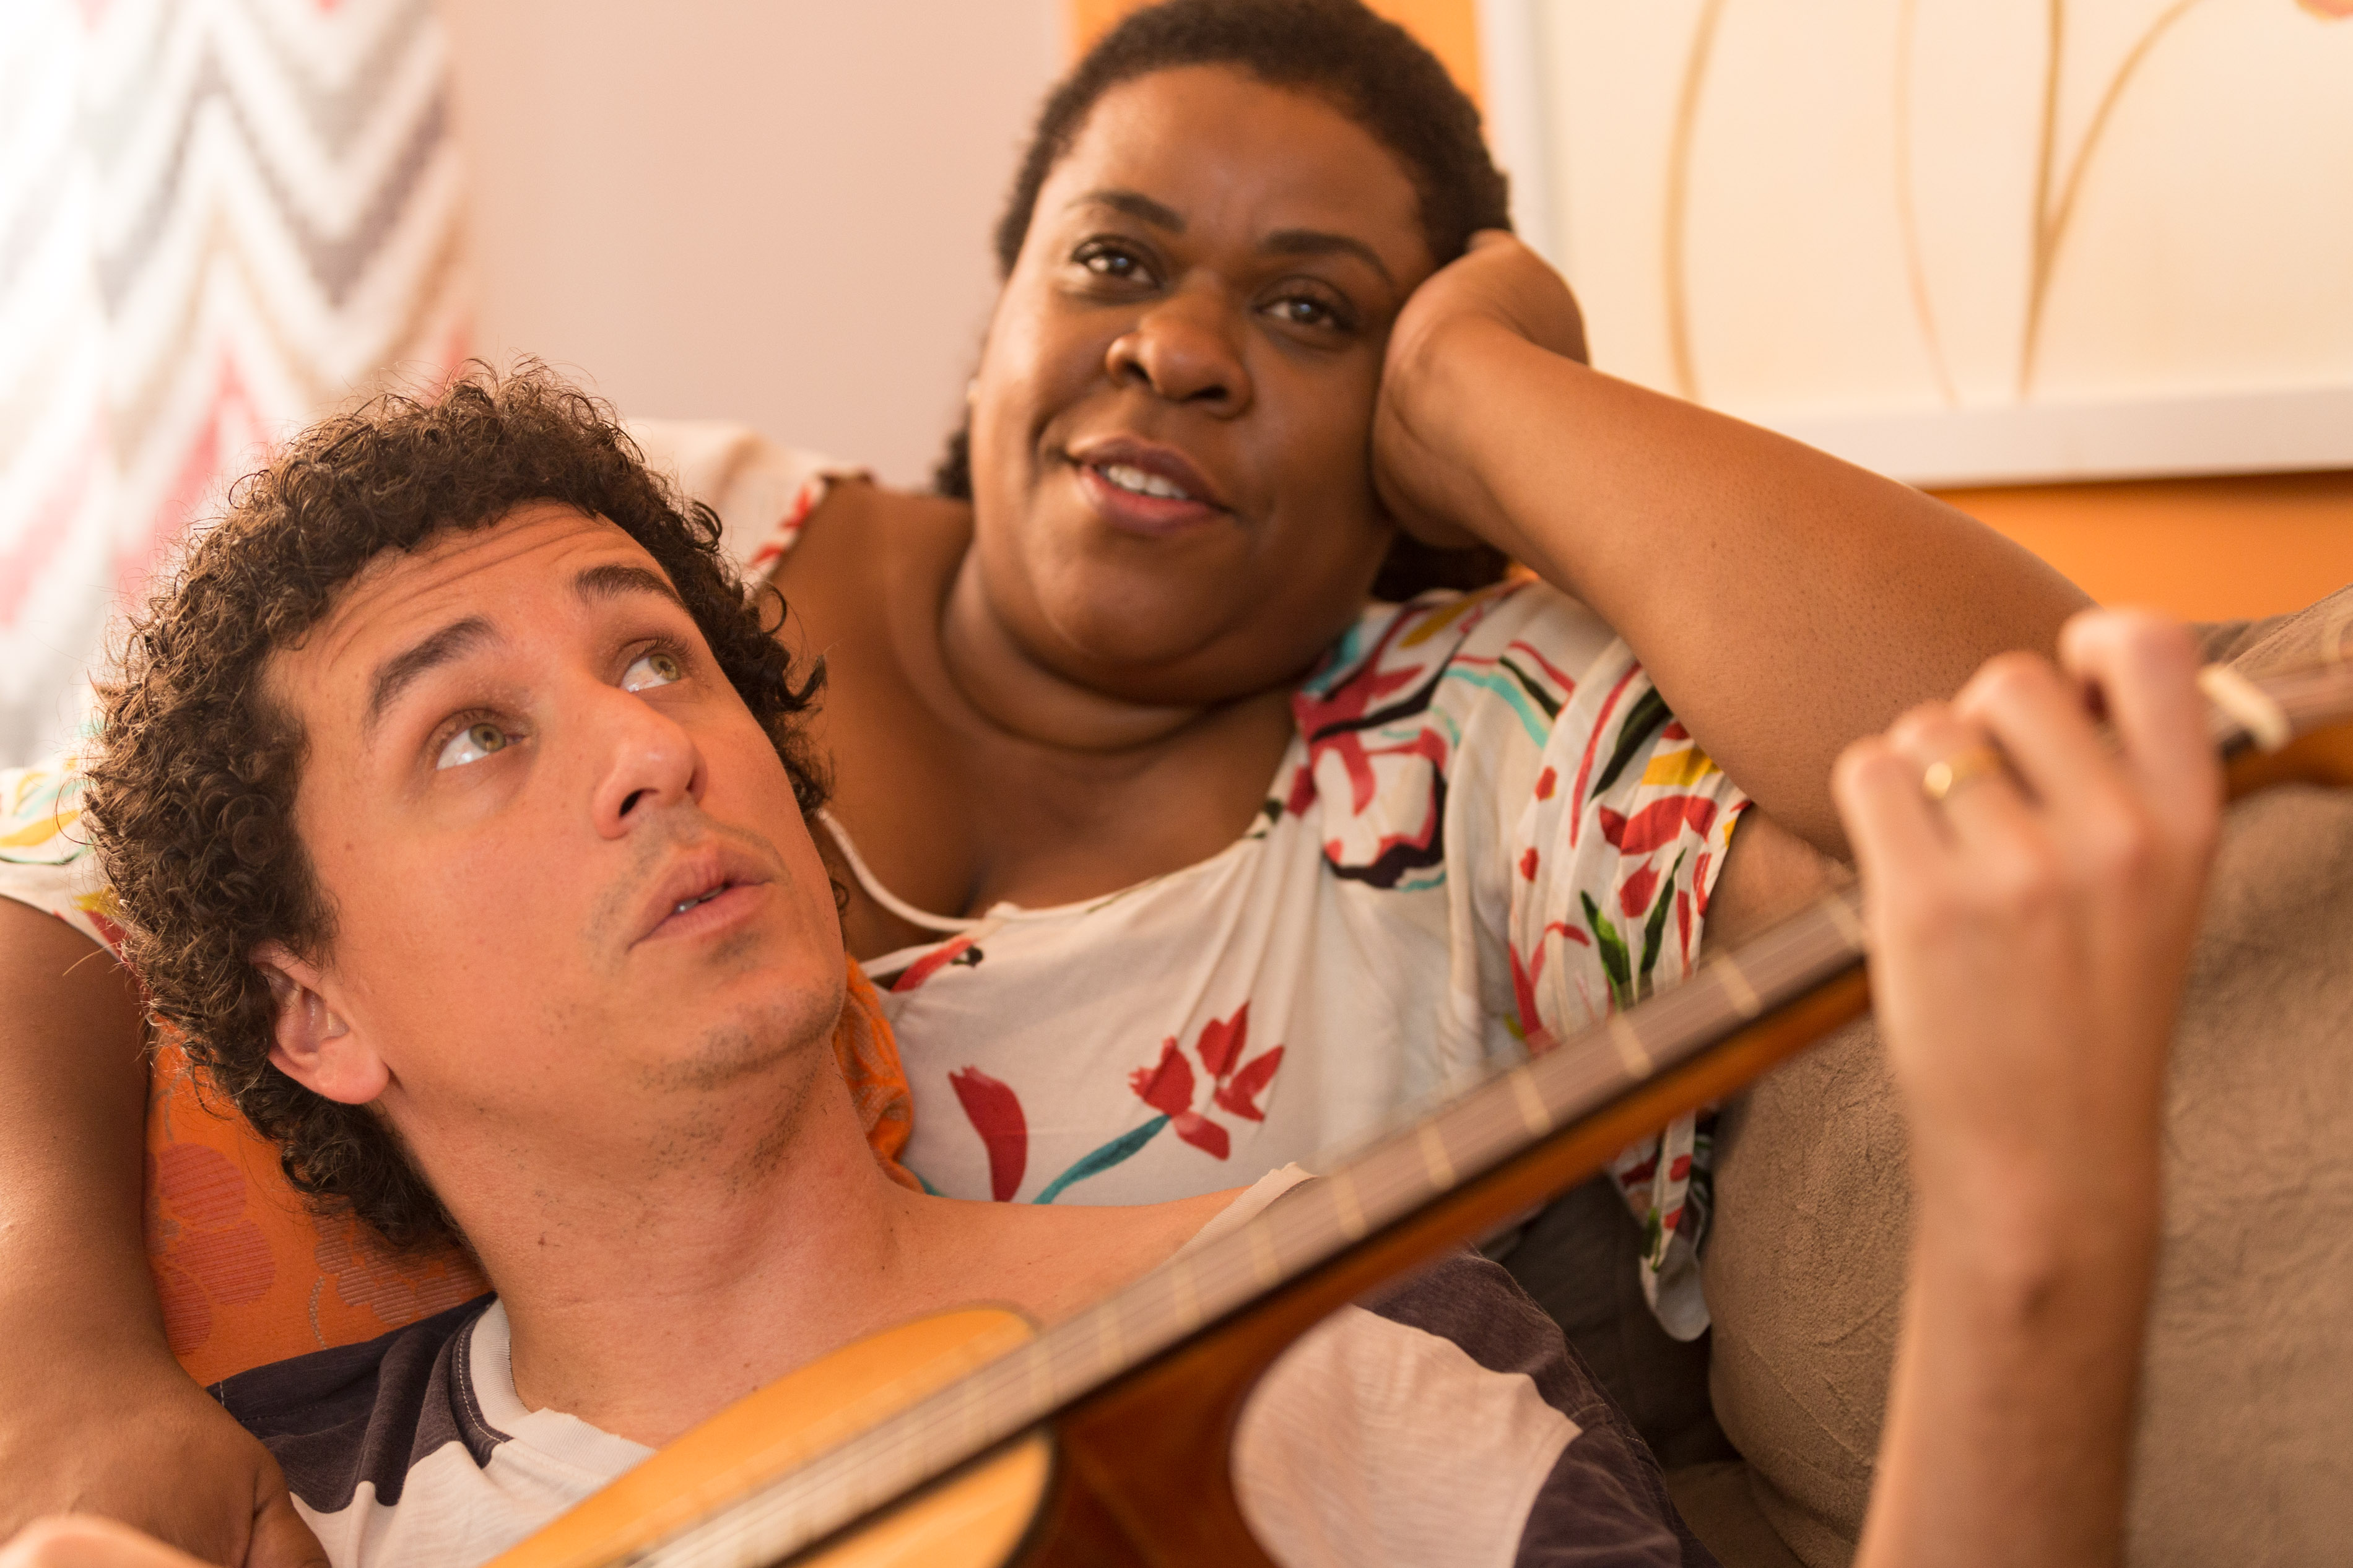 Comédia estrelada por Rafael Portugal e Cacau Protásio começa a ser rodada no Rio